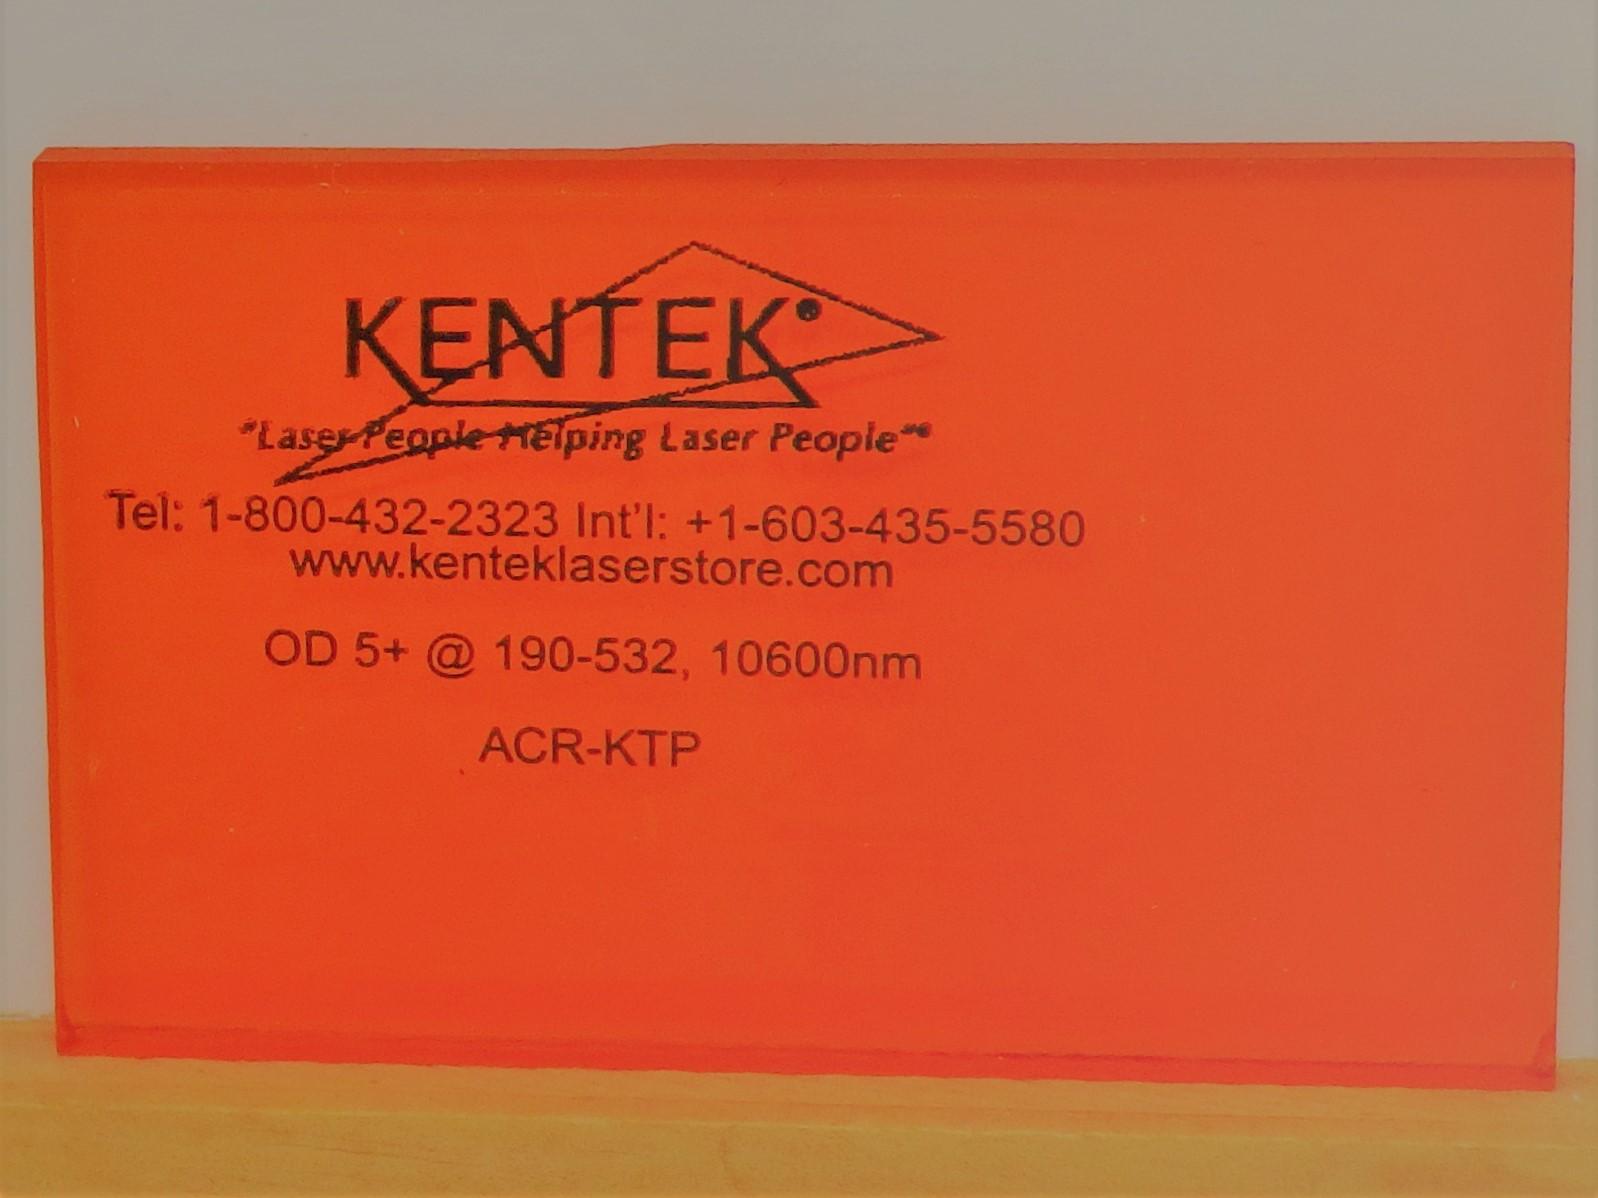 レーザー保護ウィンドウ  ACR-KTPA     オレンジ 55%VLT YAG二倍波